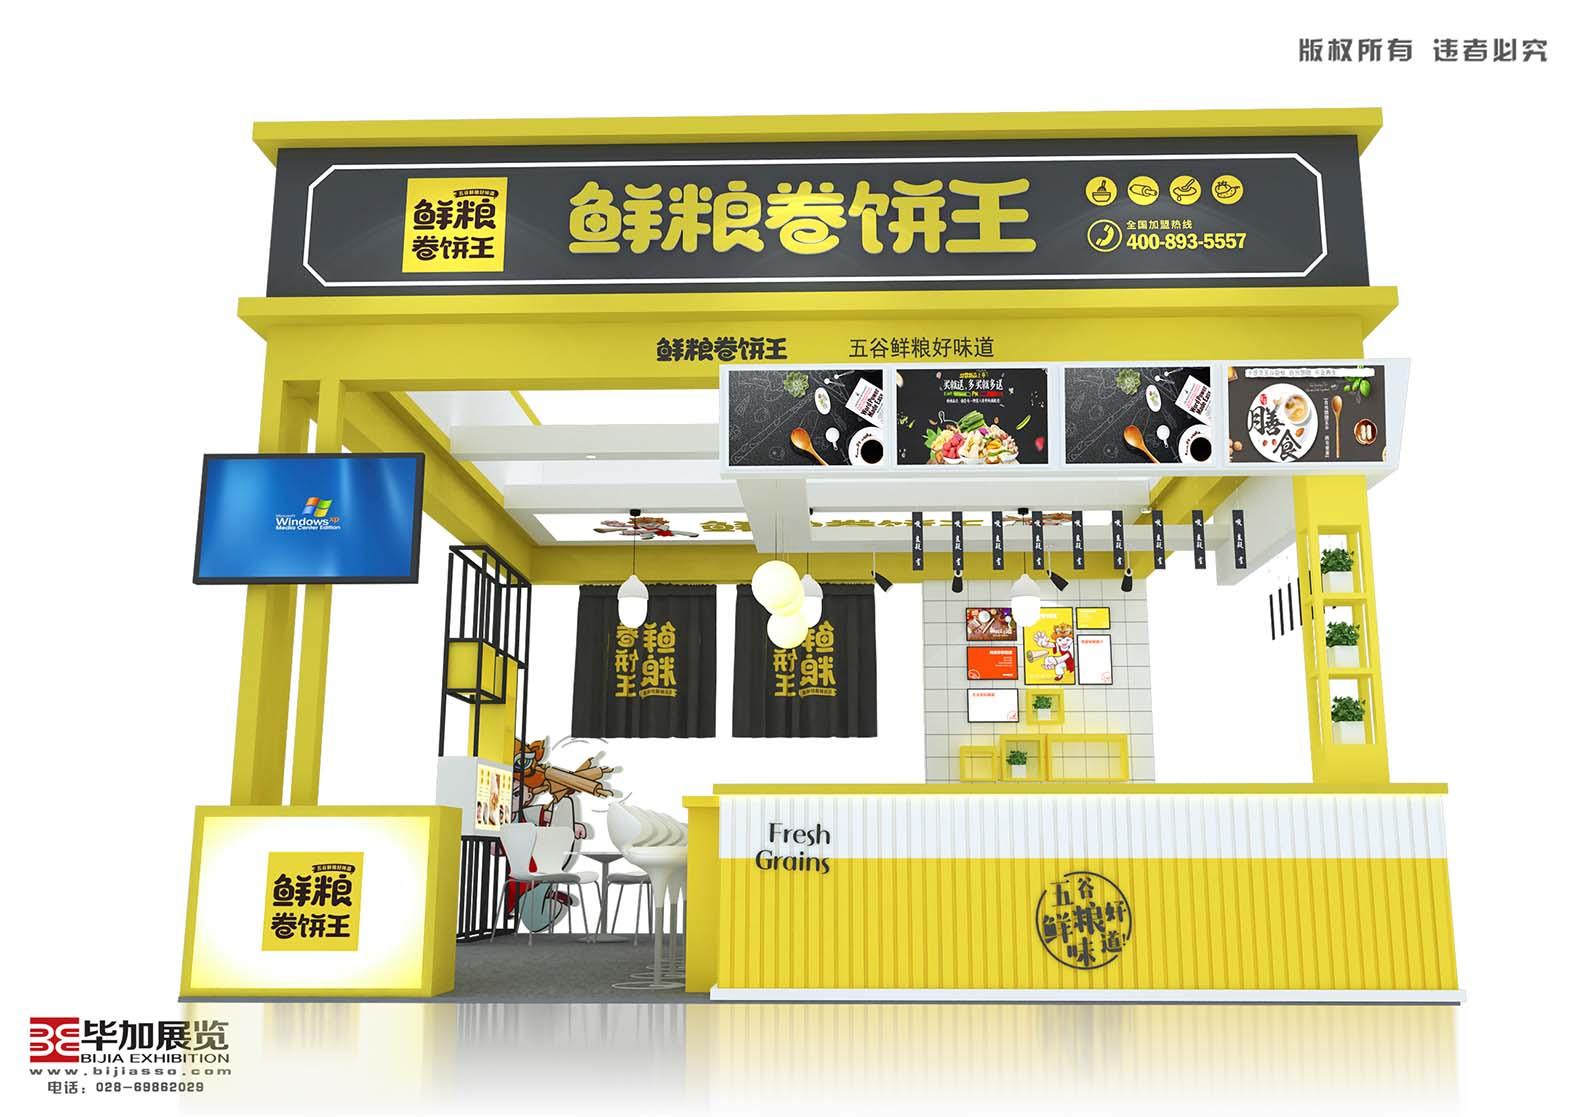 糖酒会展台设计搭建-鲜粮卷饼王